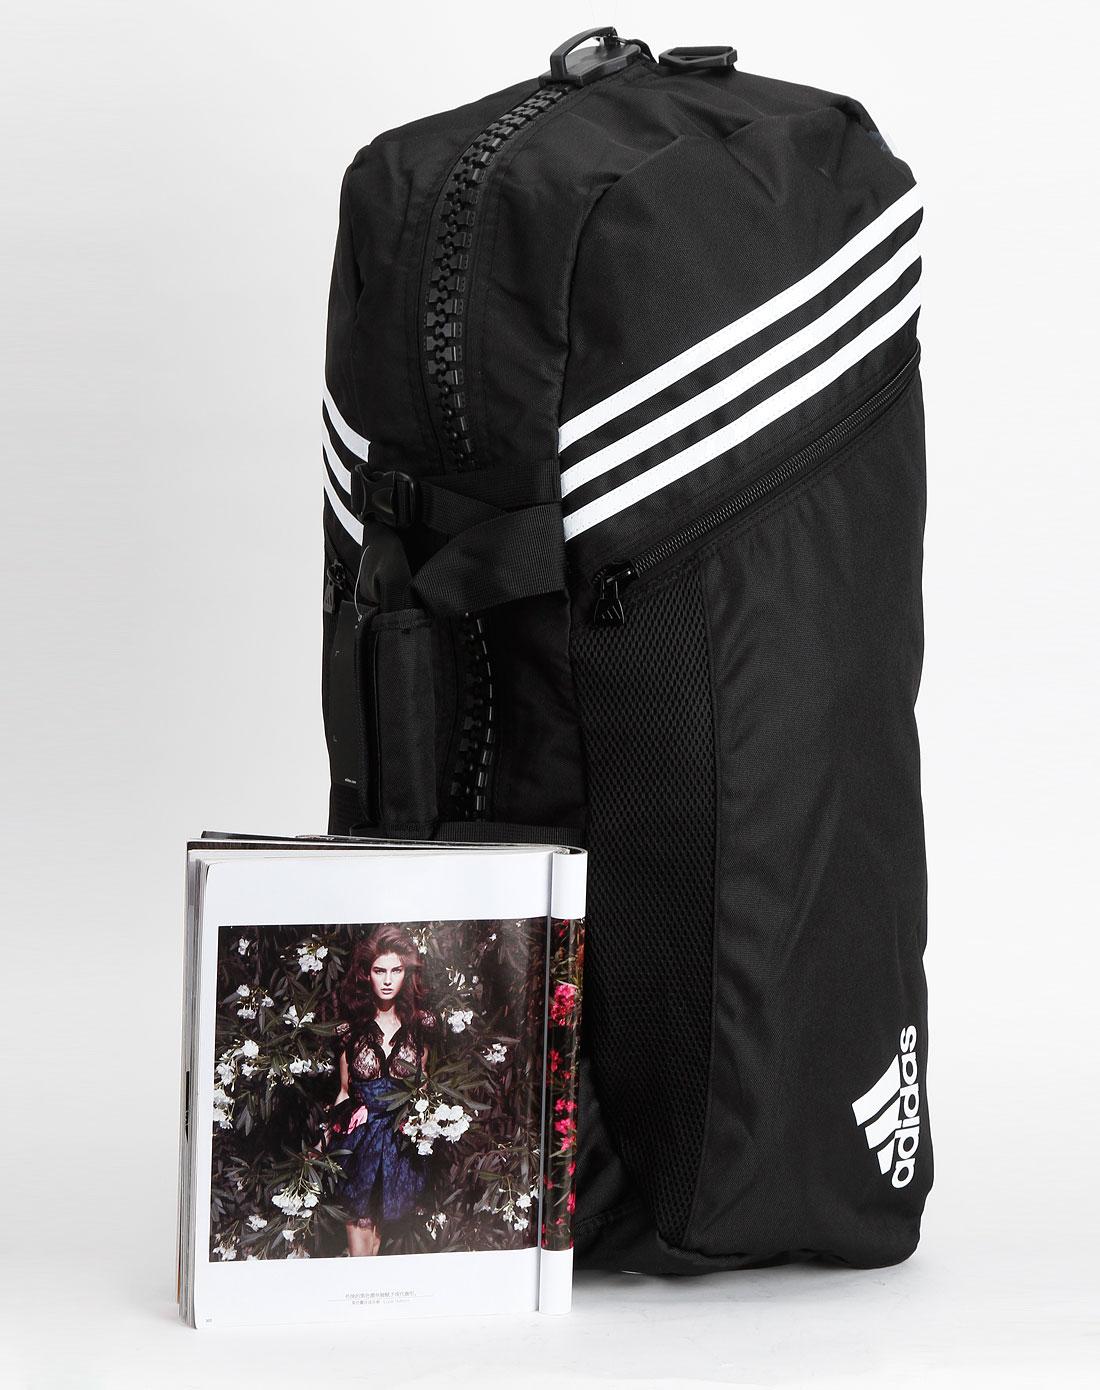 阿迪达斯adidas男装专场-中性黑色时尚单肩运动背包